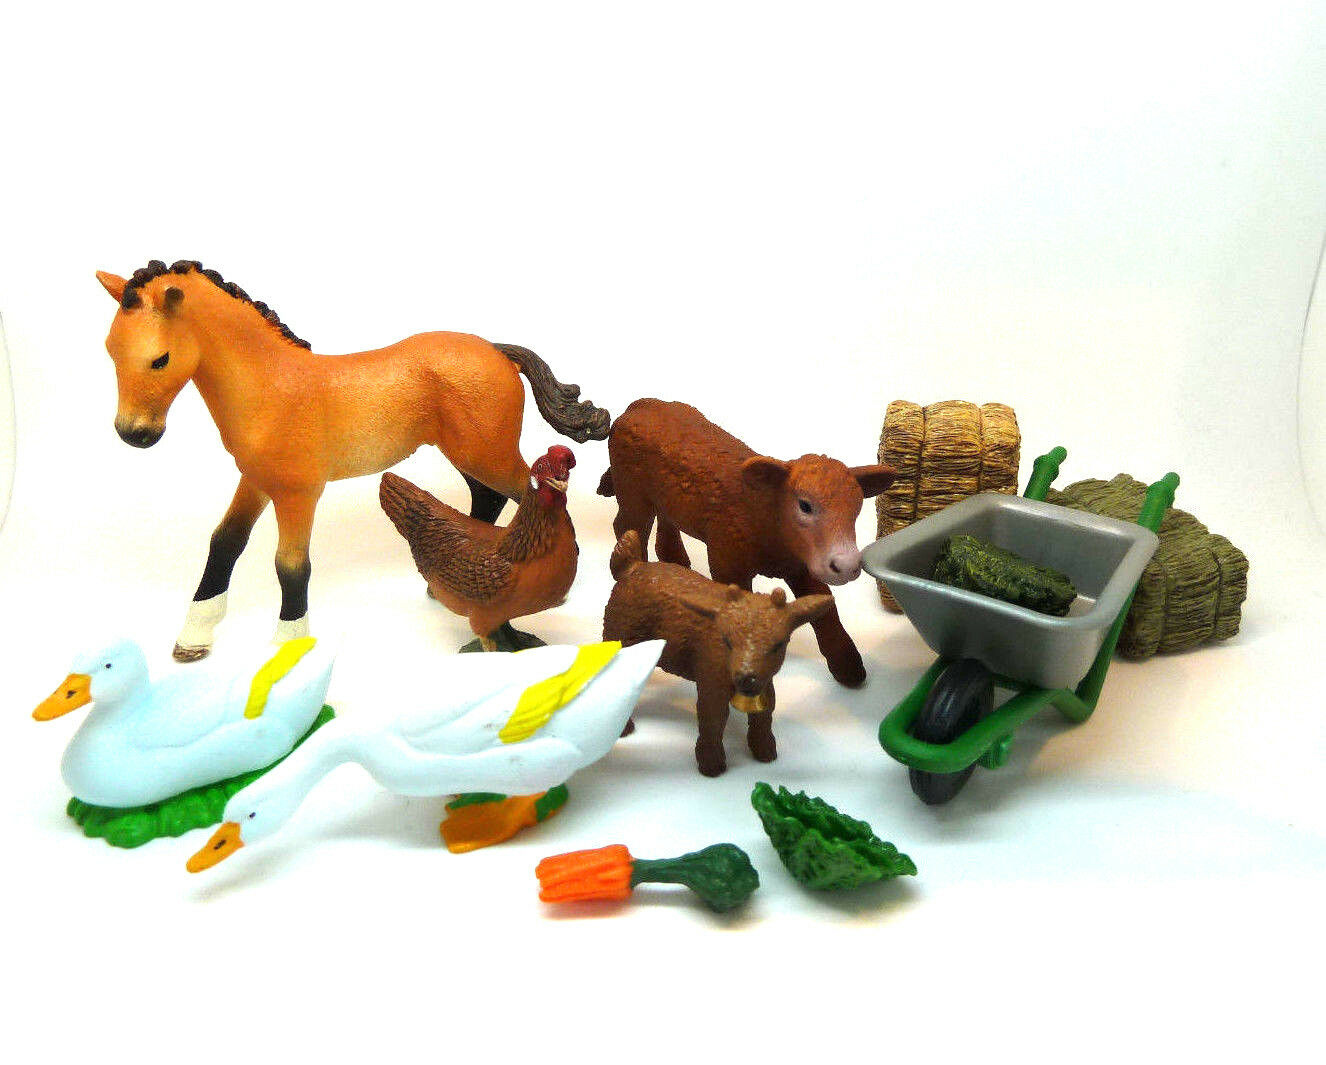 305) Schleich Und Andere Game Set Farm Holidays Farm Schleichtiere